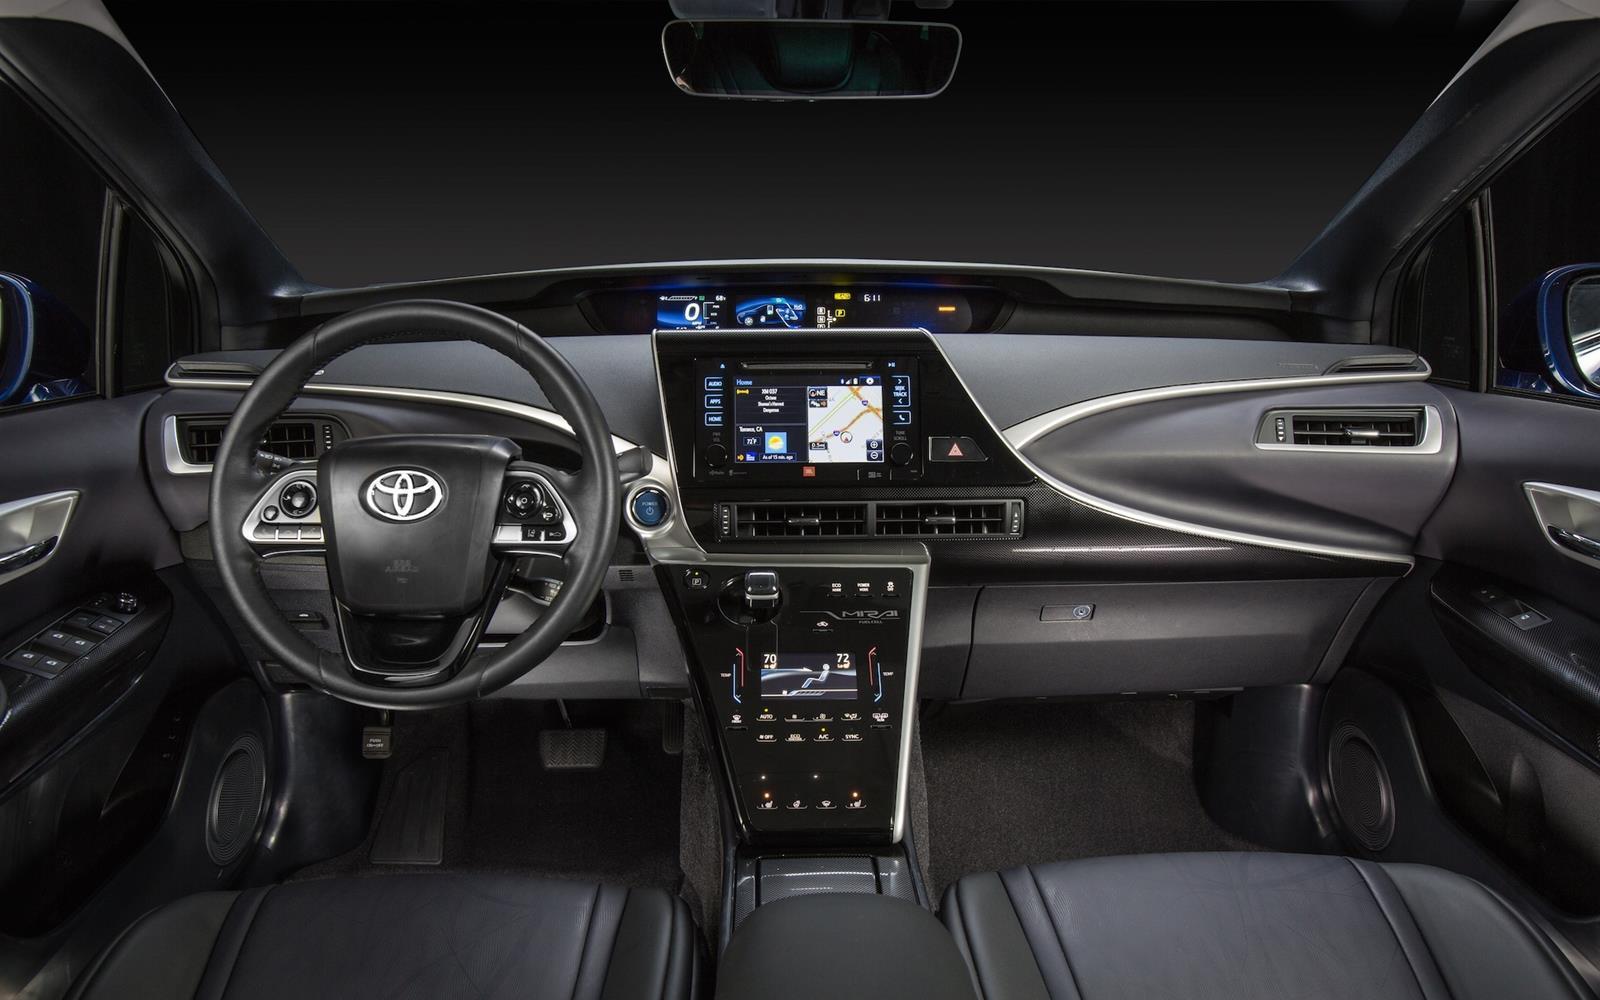 Toyota Mirai 2015 Dashboard